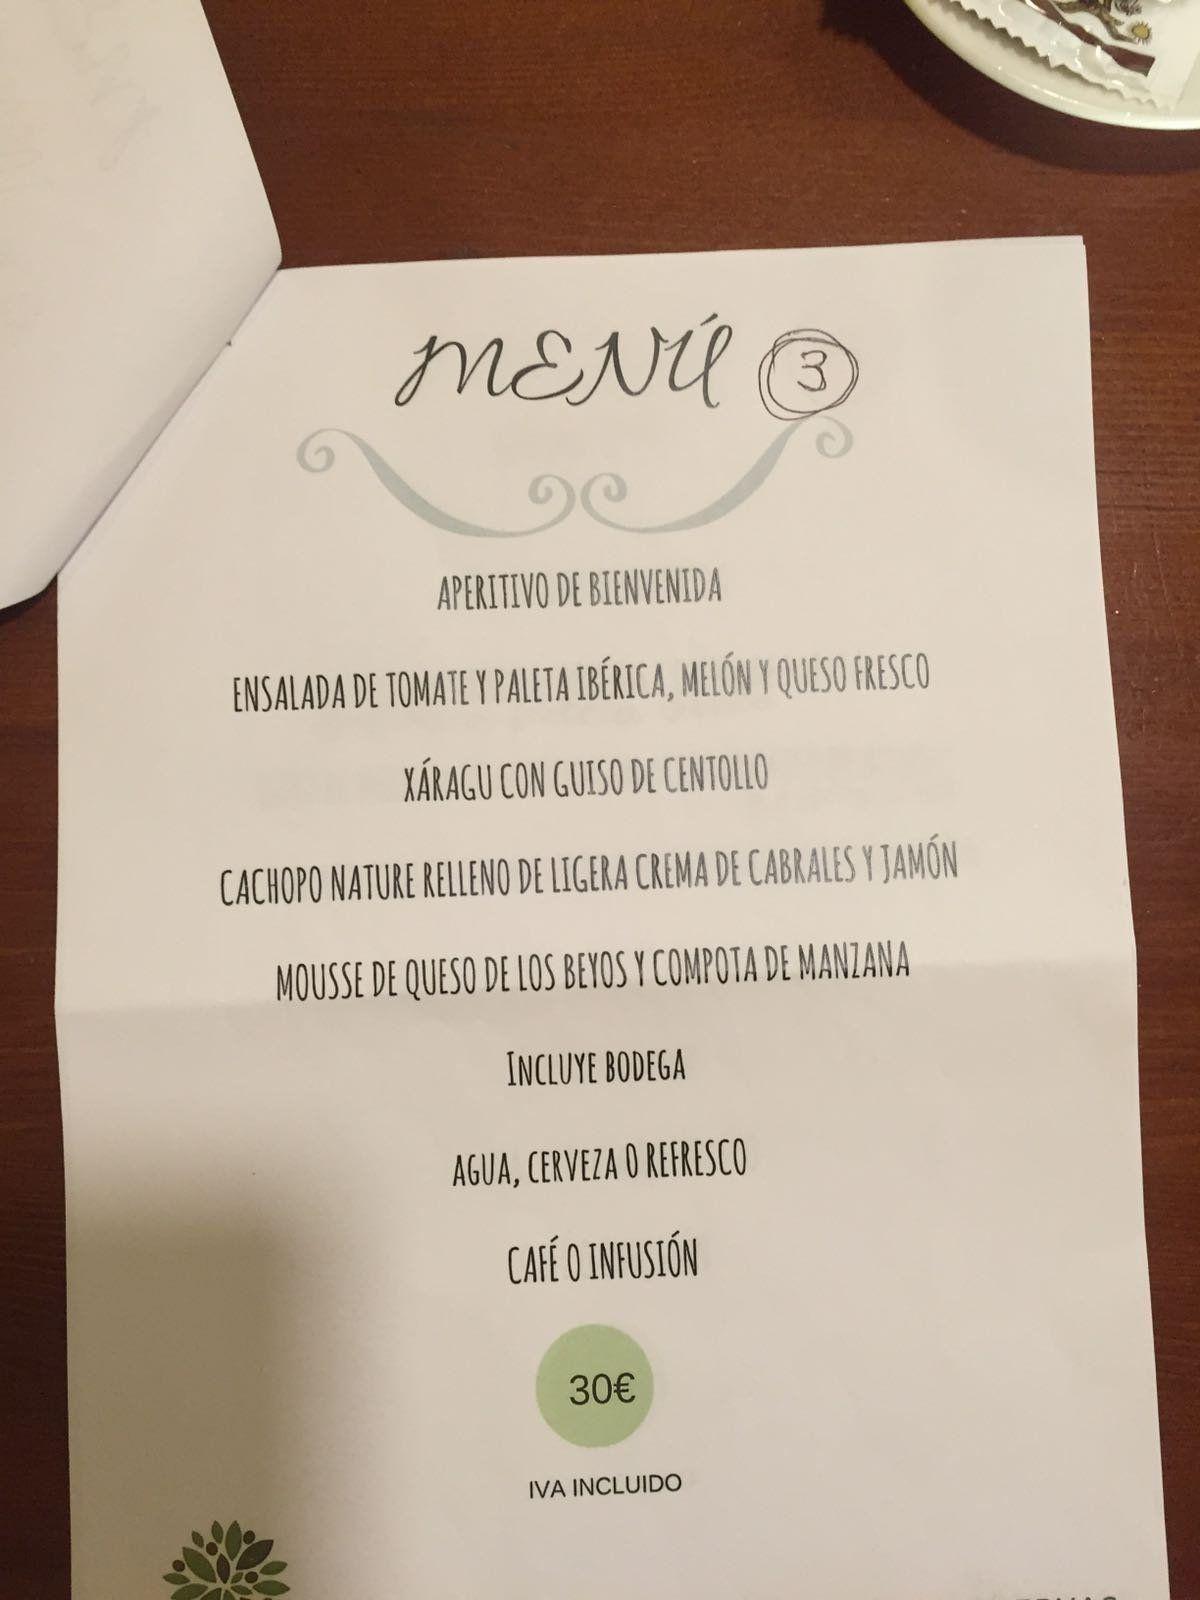 Nature Chigre, Oviedo - Fotos, Número de Teléfono y Restaurante Opiniones - TripAdvisor